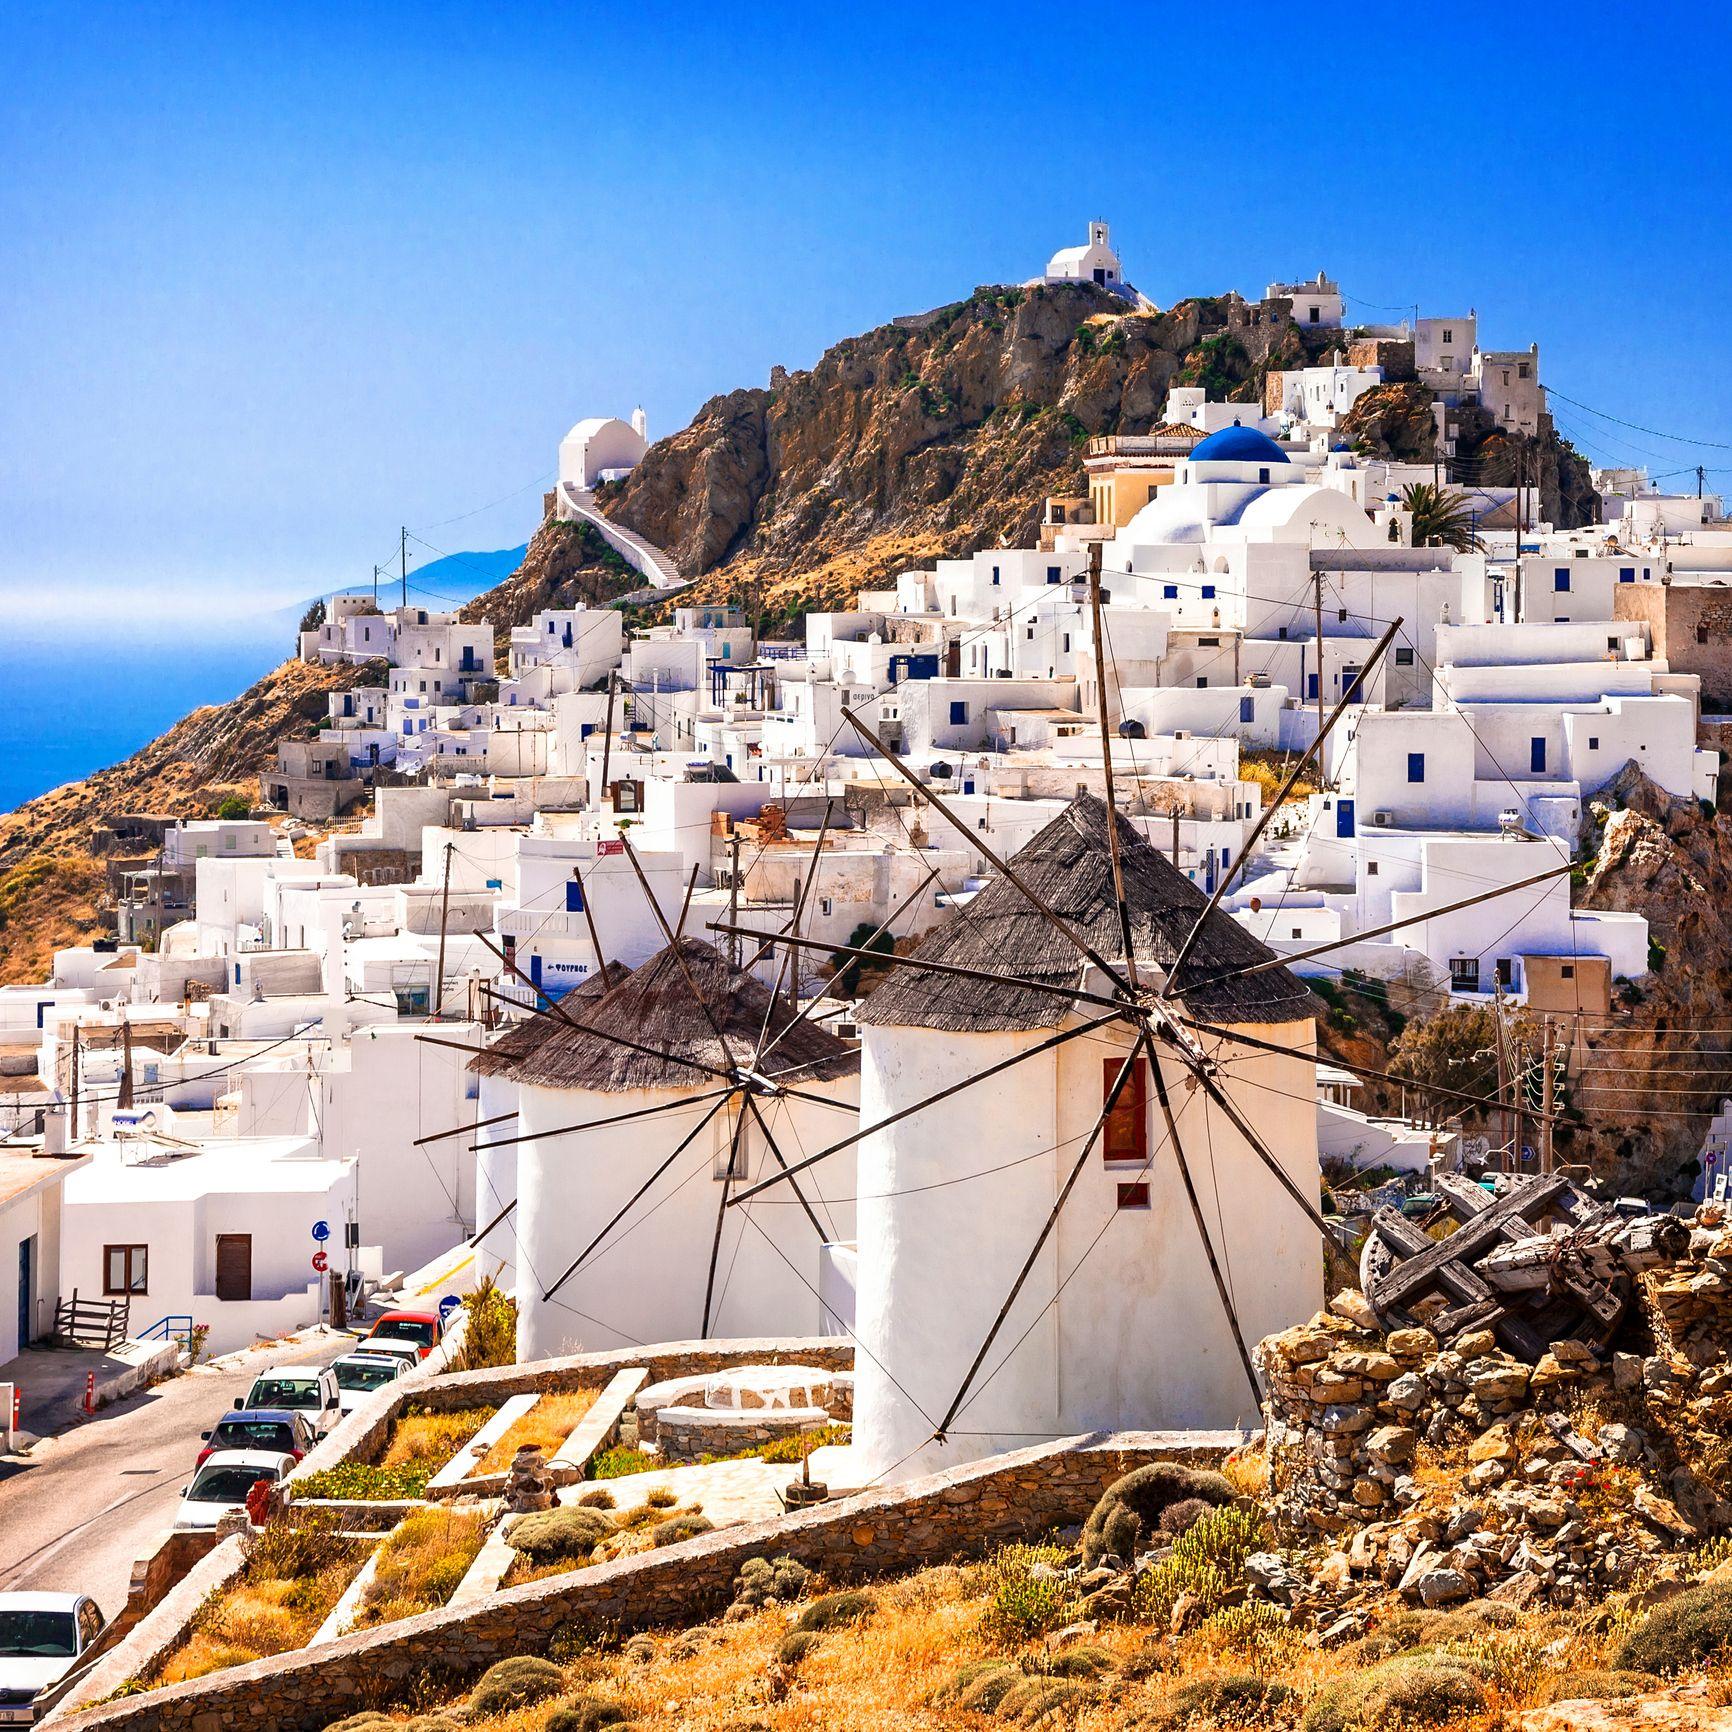 Quando tutti rientrano, prego andare in vacanza in Grecia a settembre